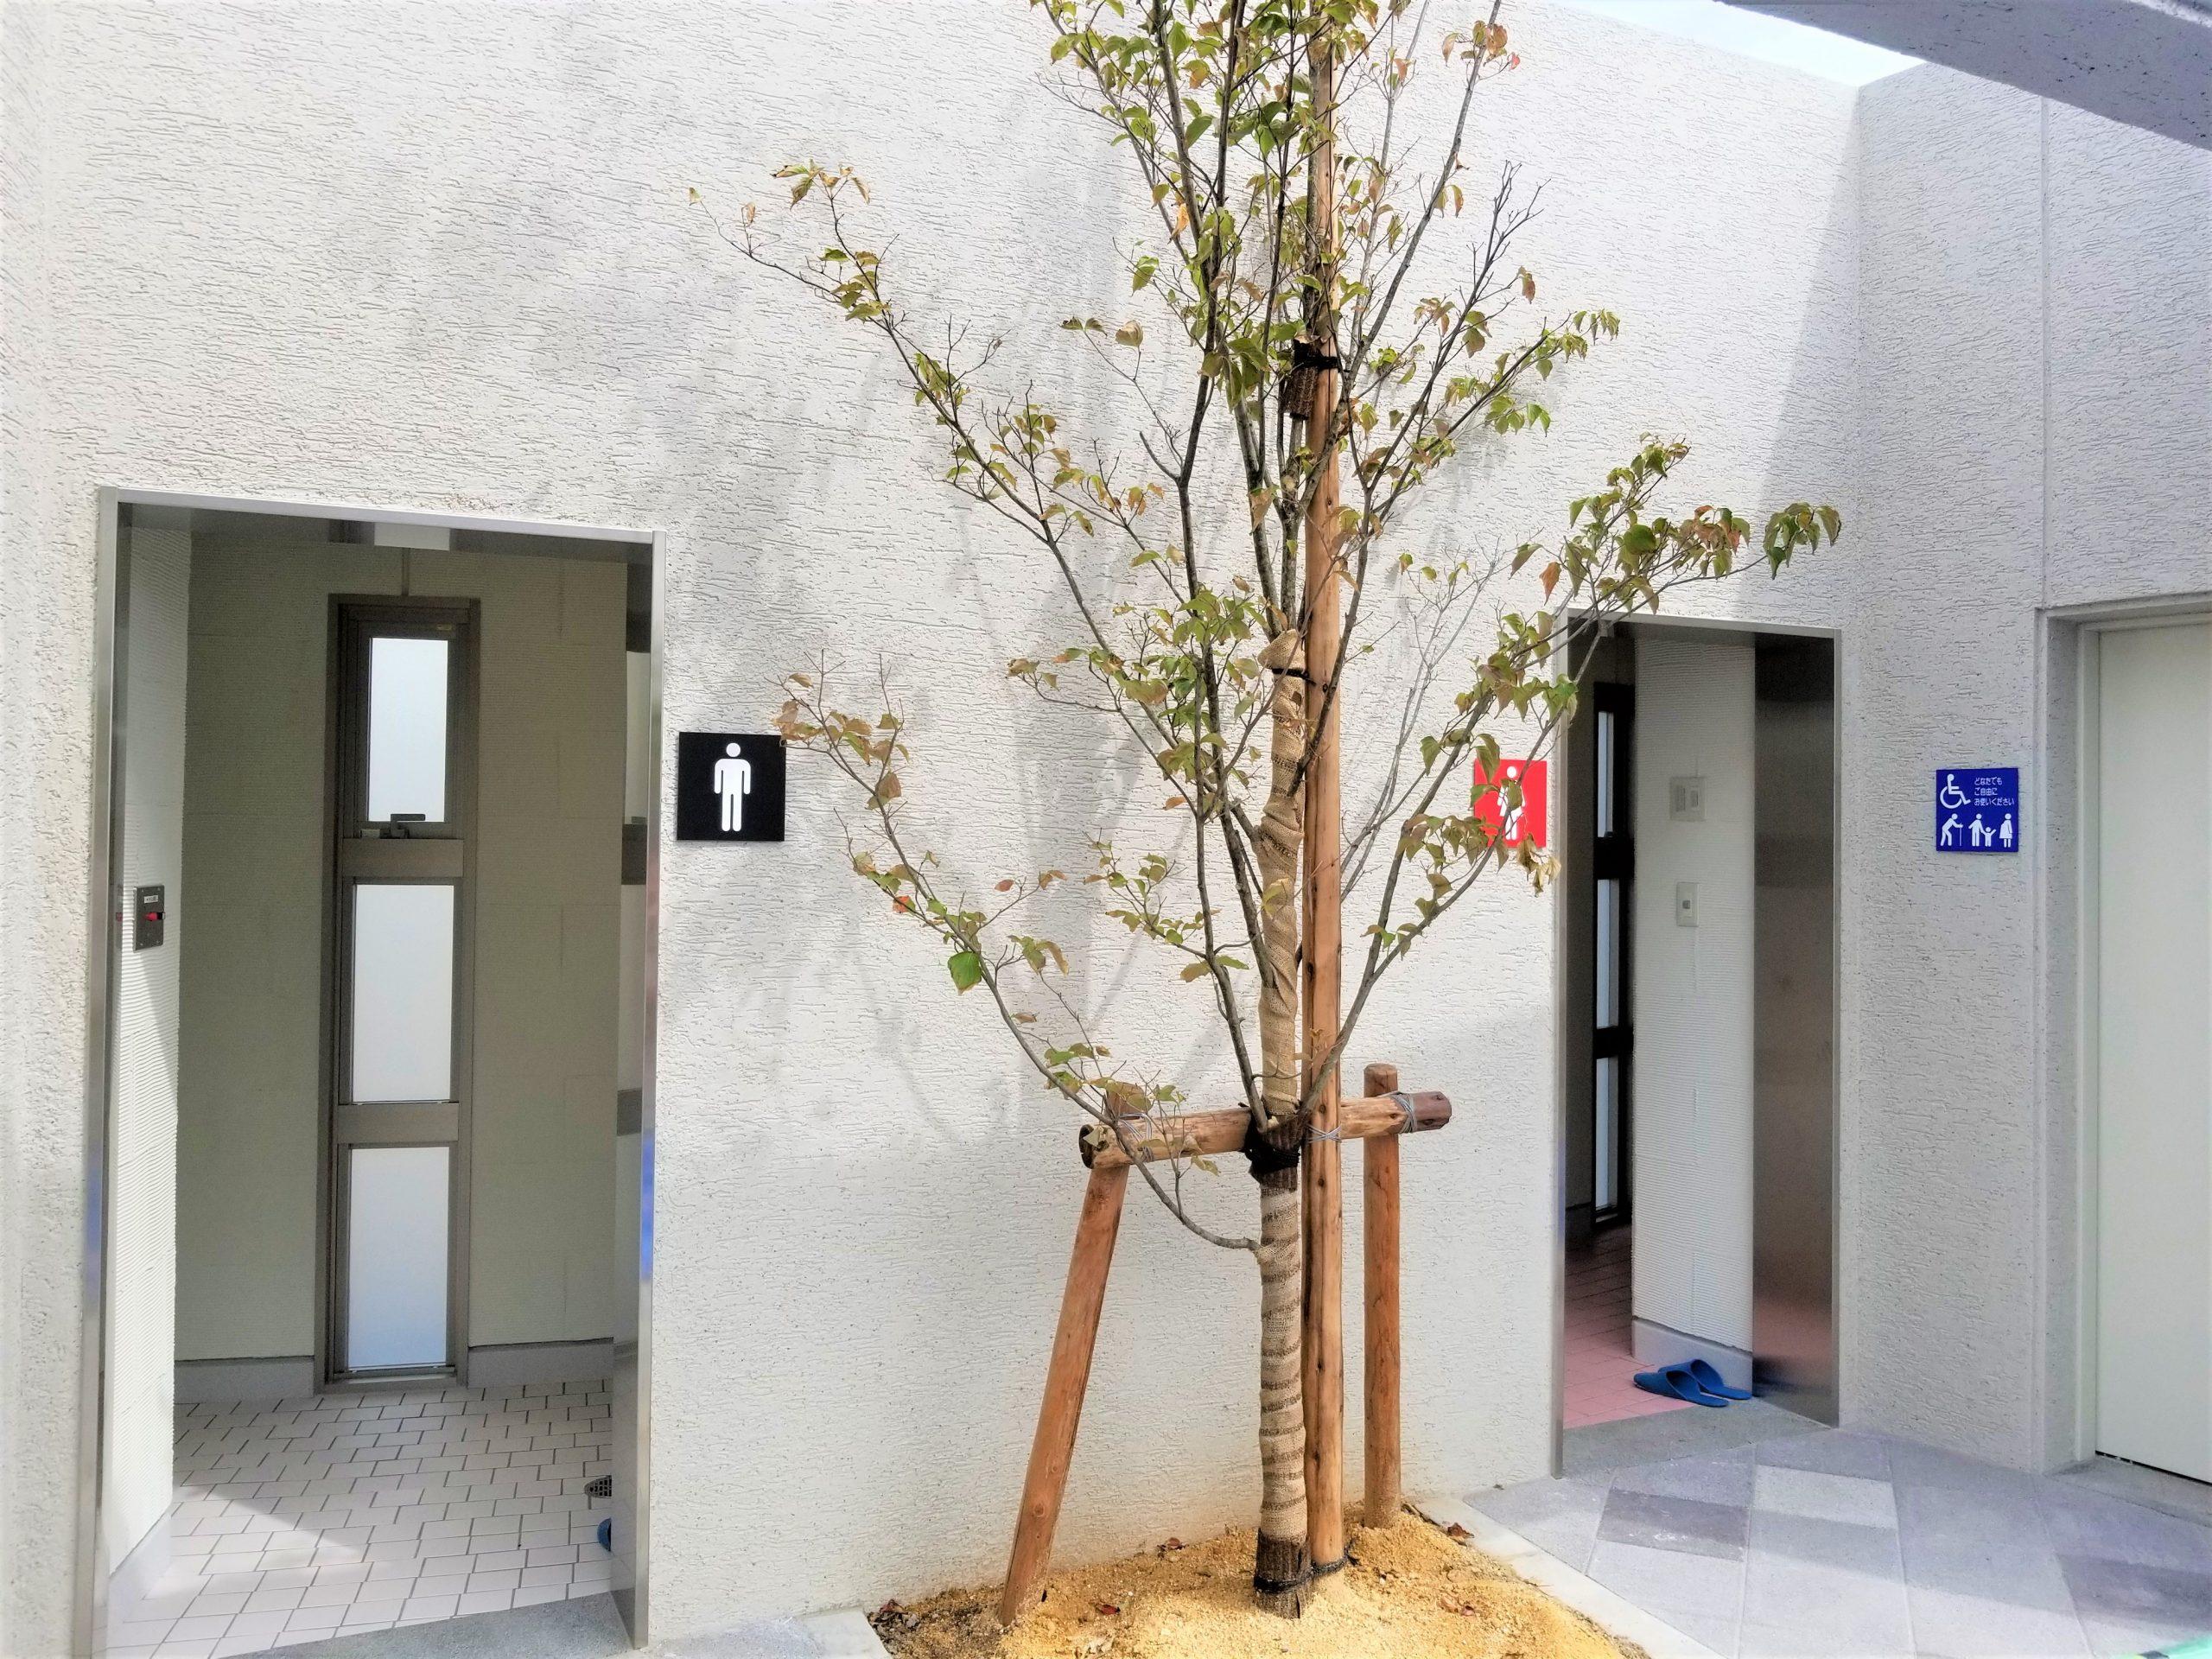 武生中央公園公衆トイレ